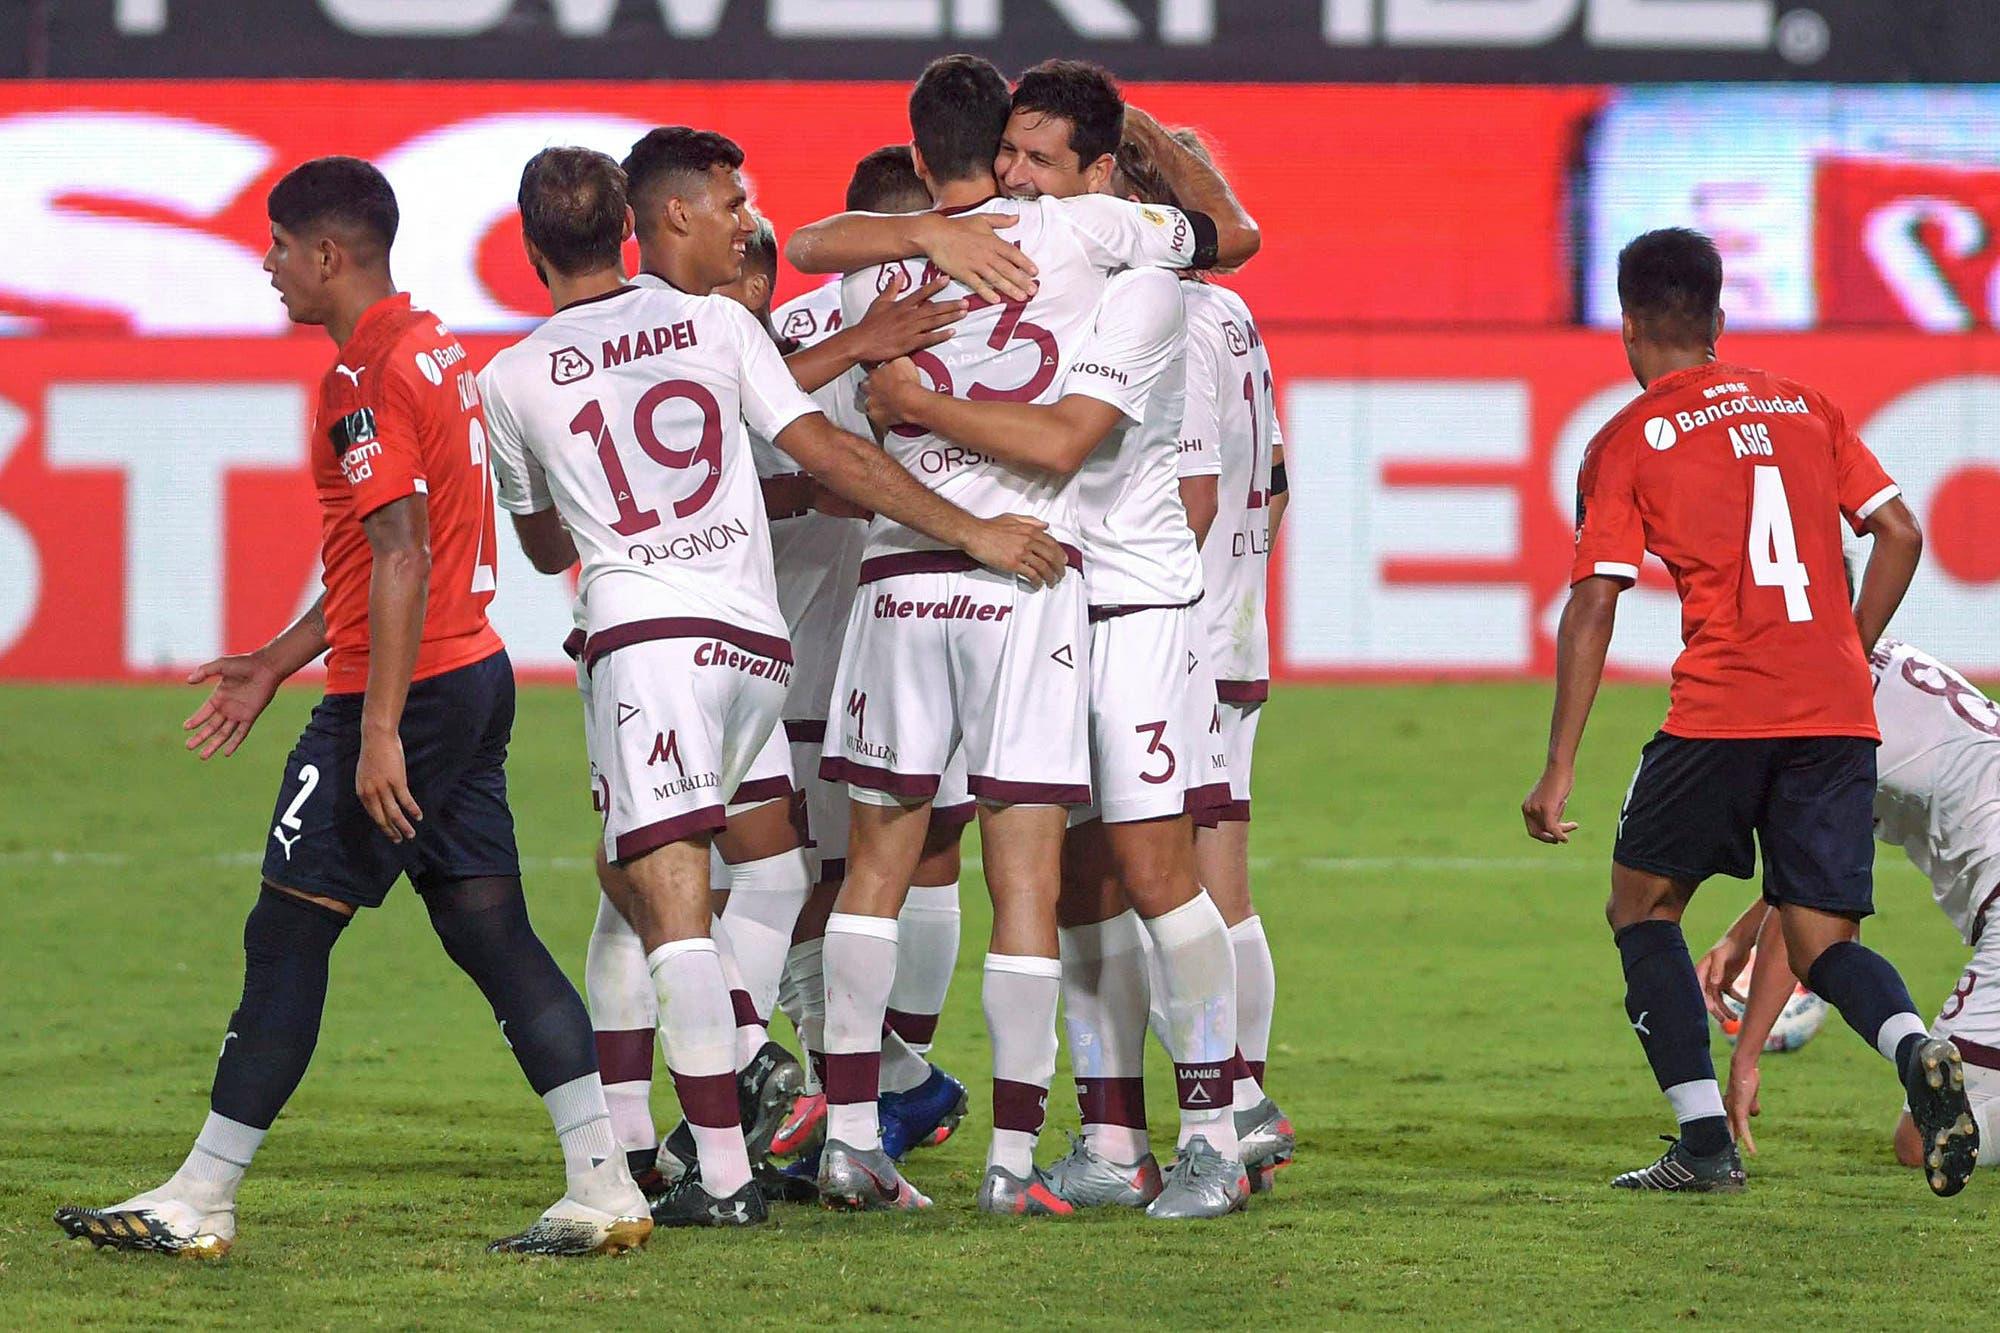 Independiente – Lanús: el Granate fue superior y derrotó al Rojo en el arranque de la Copa de la Liga 2021